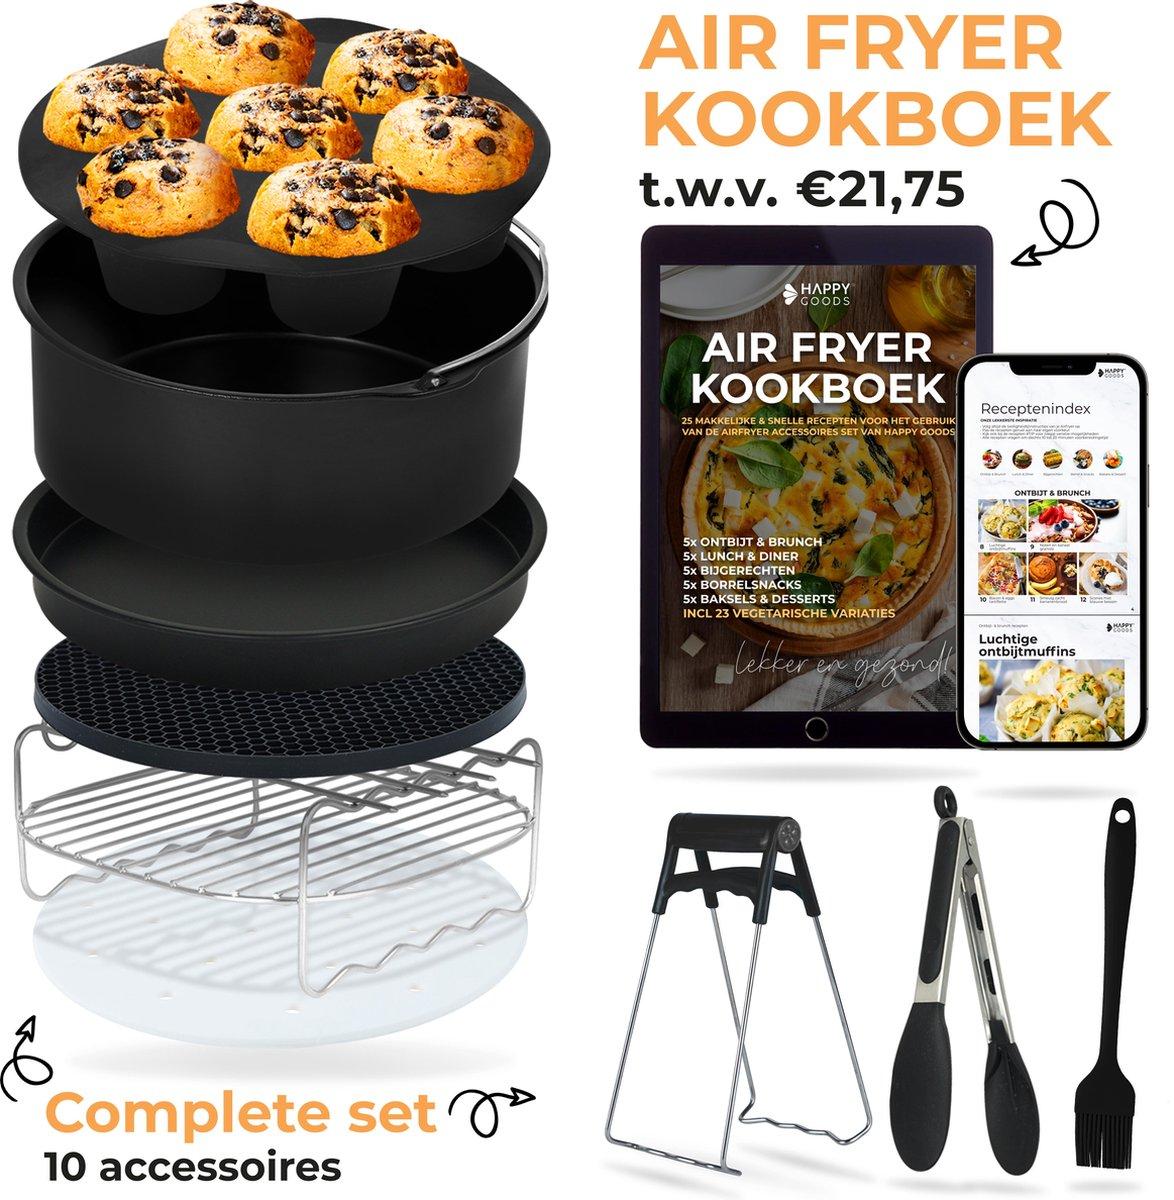 Happy Goods® Heteluchtfriteuse airfryer Keuken accessoires Set XL en XXL incl Airfryer KOOKBOEK TWV €21,75- Airfryer bakvorm - airfryer accessoires xxl - ⌀ 20 cm